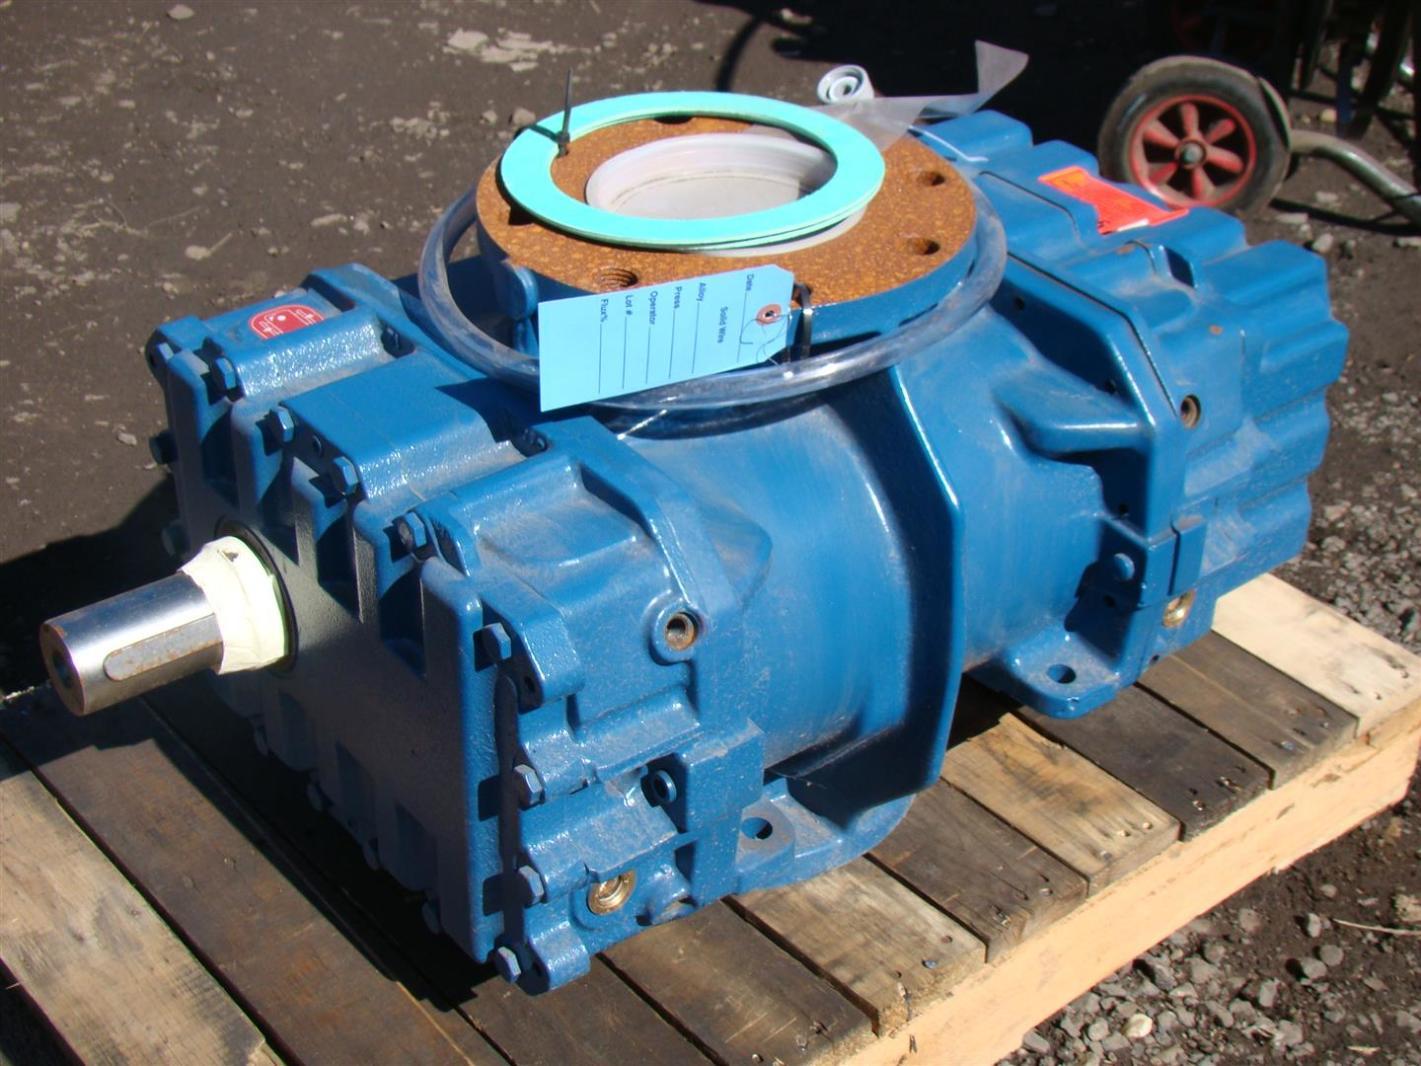 Commercial Rotary Blower : Aerzener maschinenfabrik vacuum rotary blower gmbh